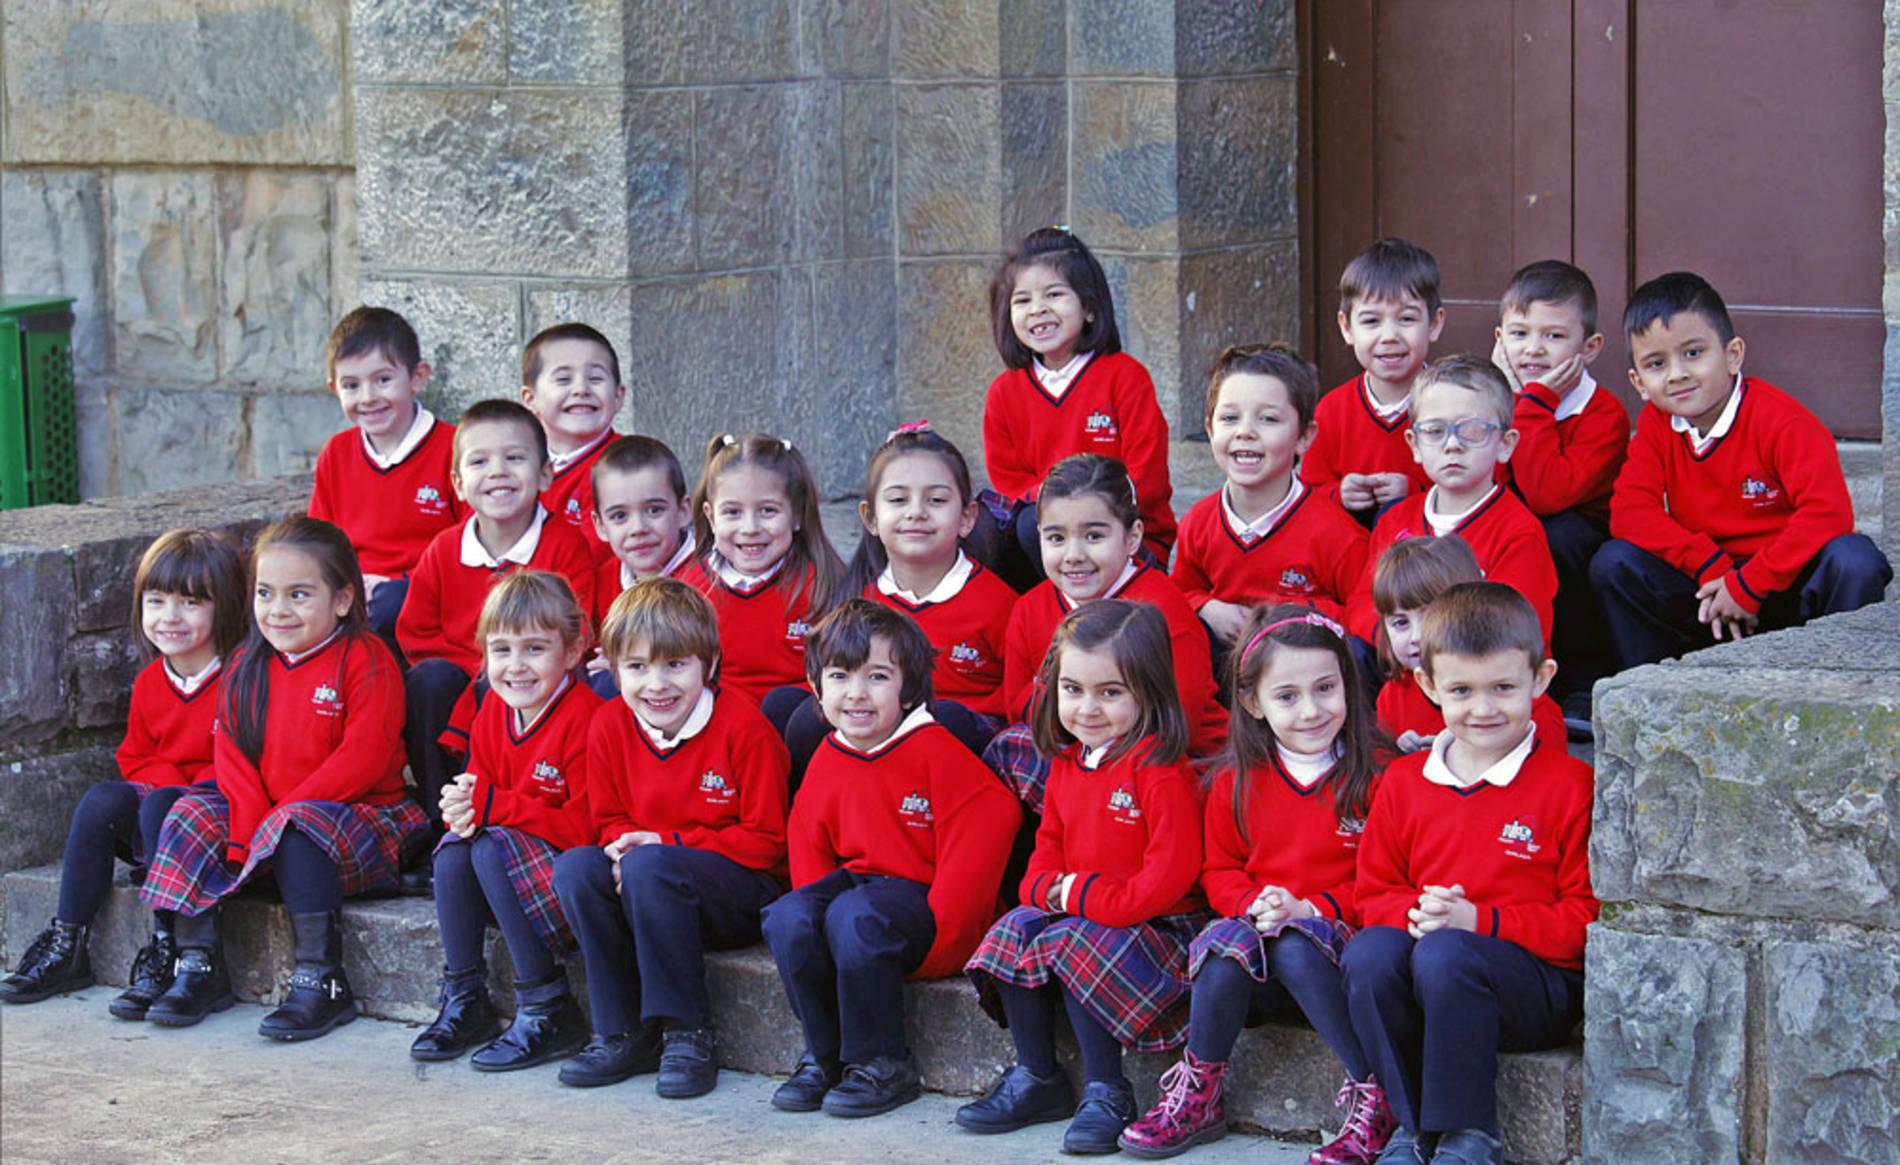 Colegio Regina Pacis (1/22) - Alumnado del colegio Regina Pacis de Burlada - Navarra -